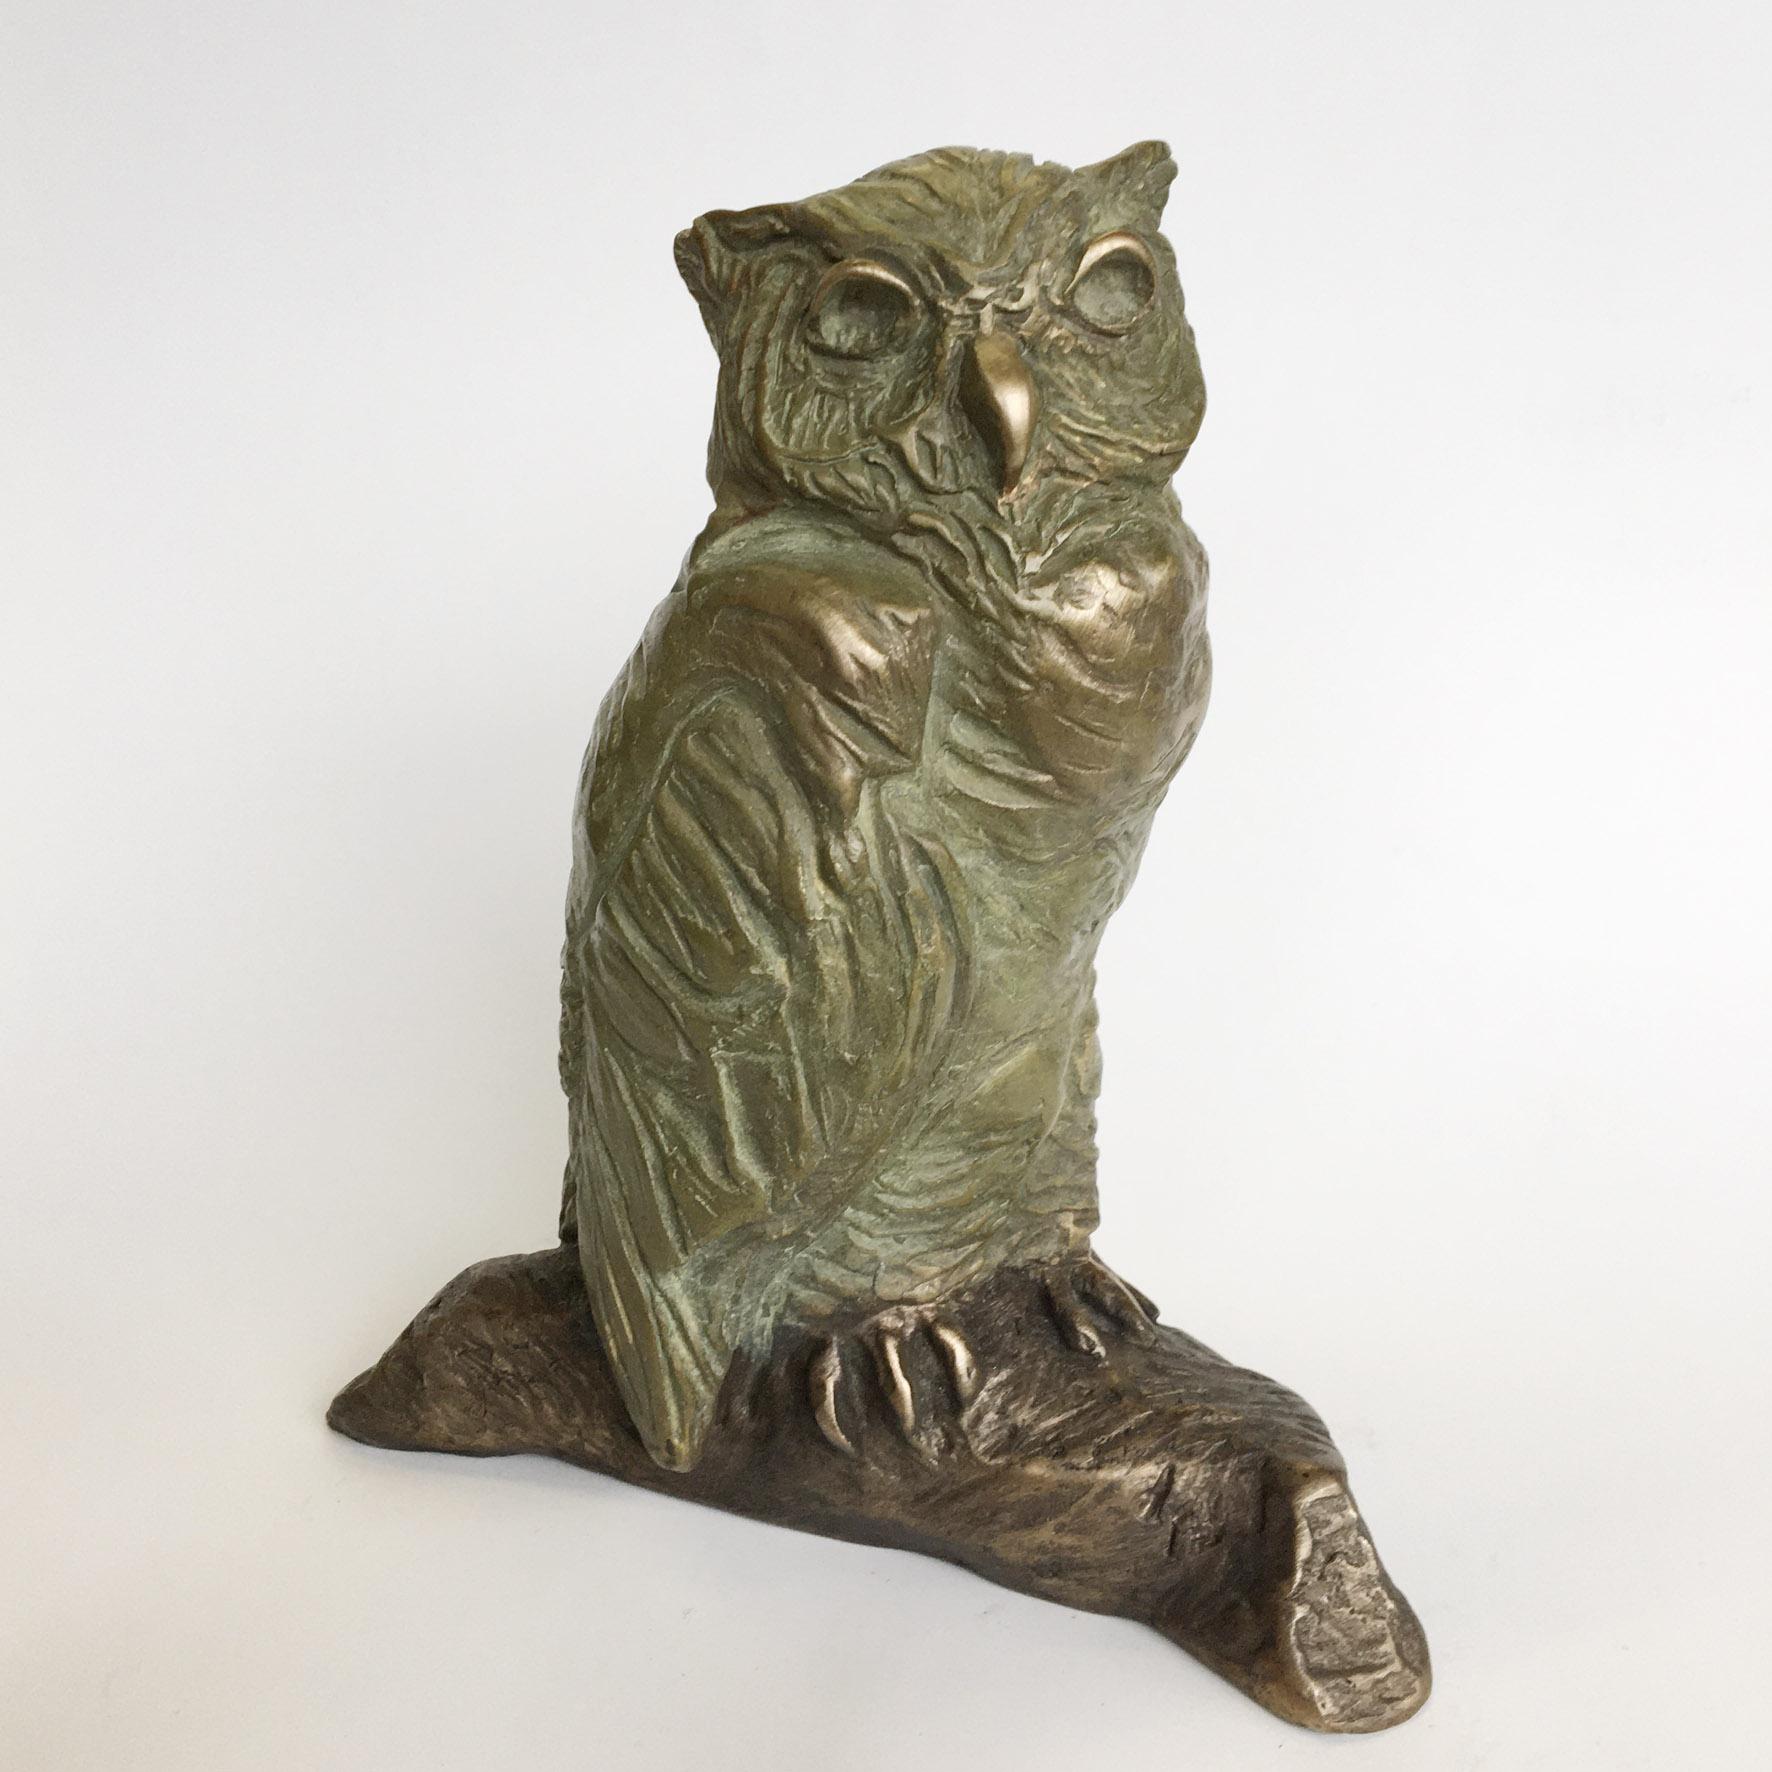 Grijze oehoe Pompidou, brons, 18cm hoog, beschikbaar/niet gegoten € 750